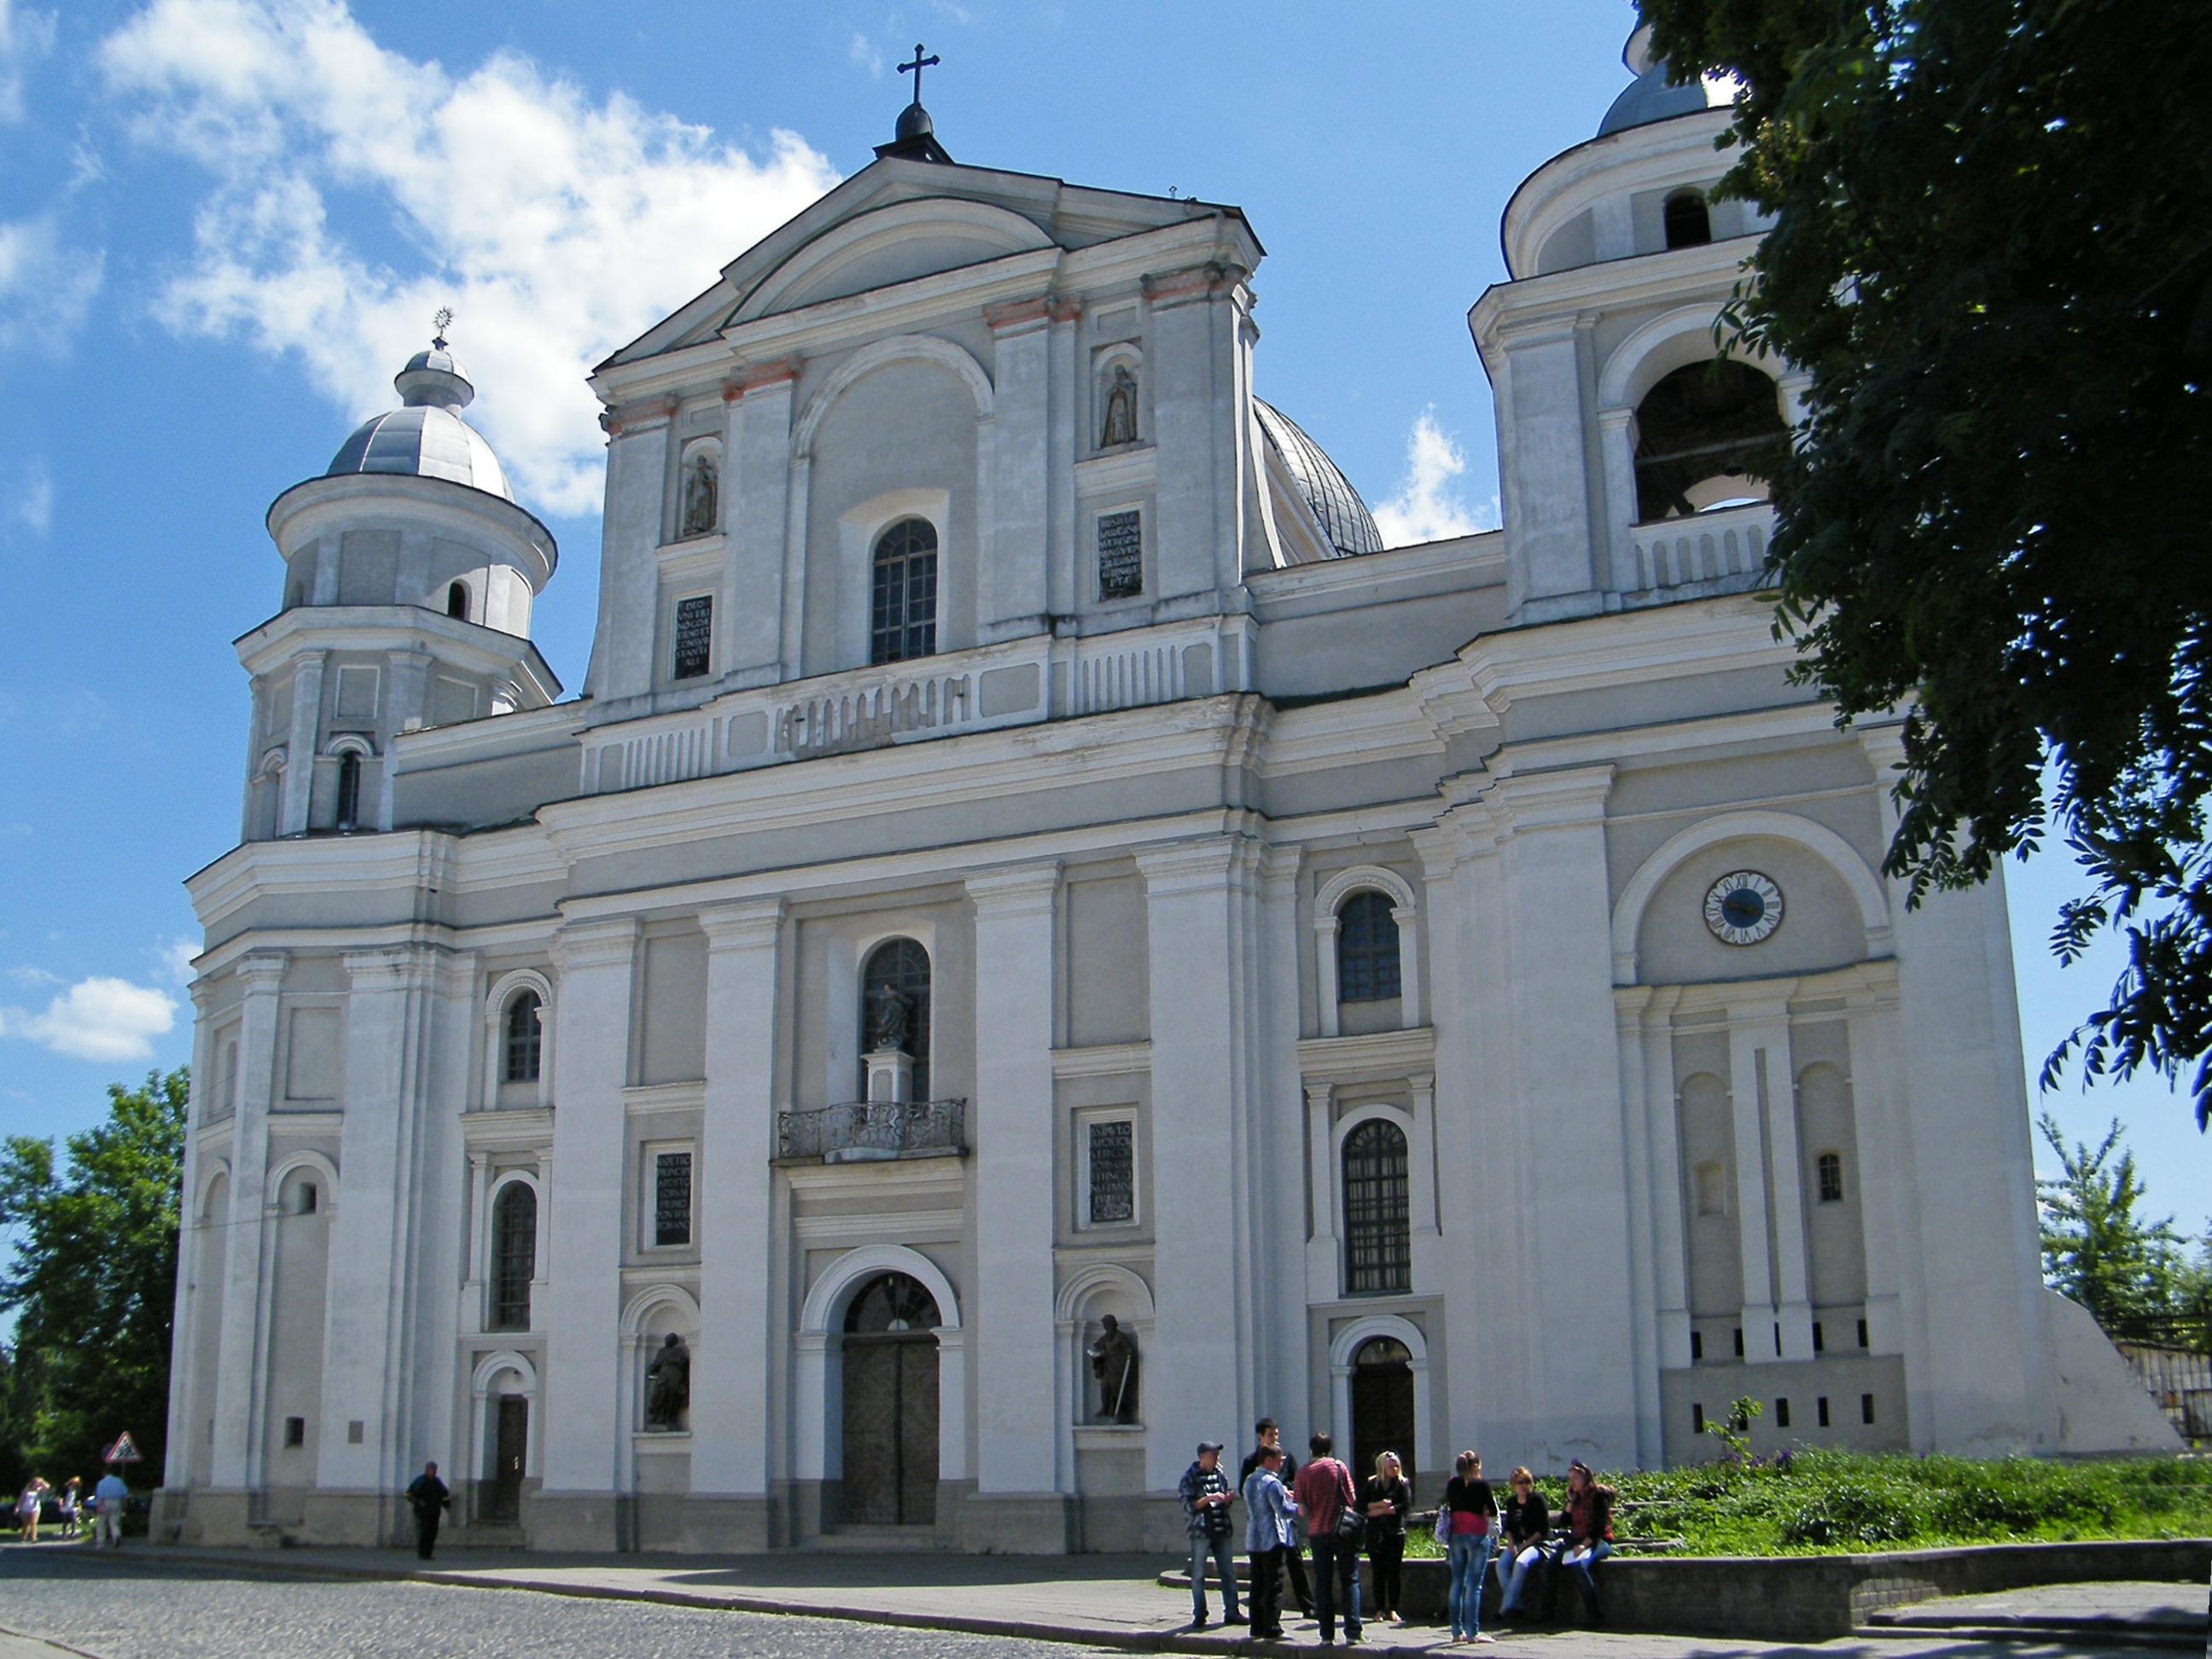 Собор Святых Петра и Павла (Луцк) — Википедия